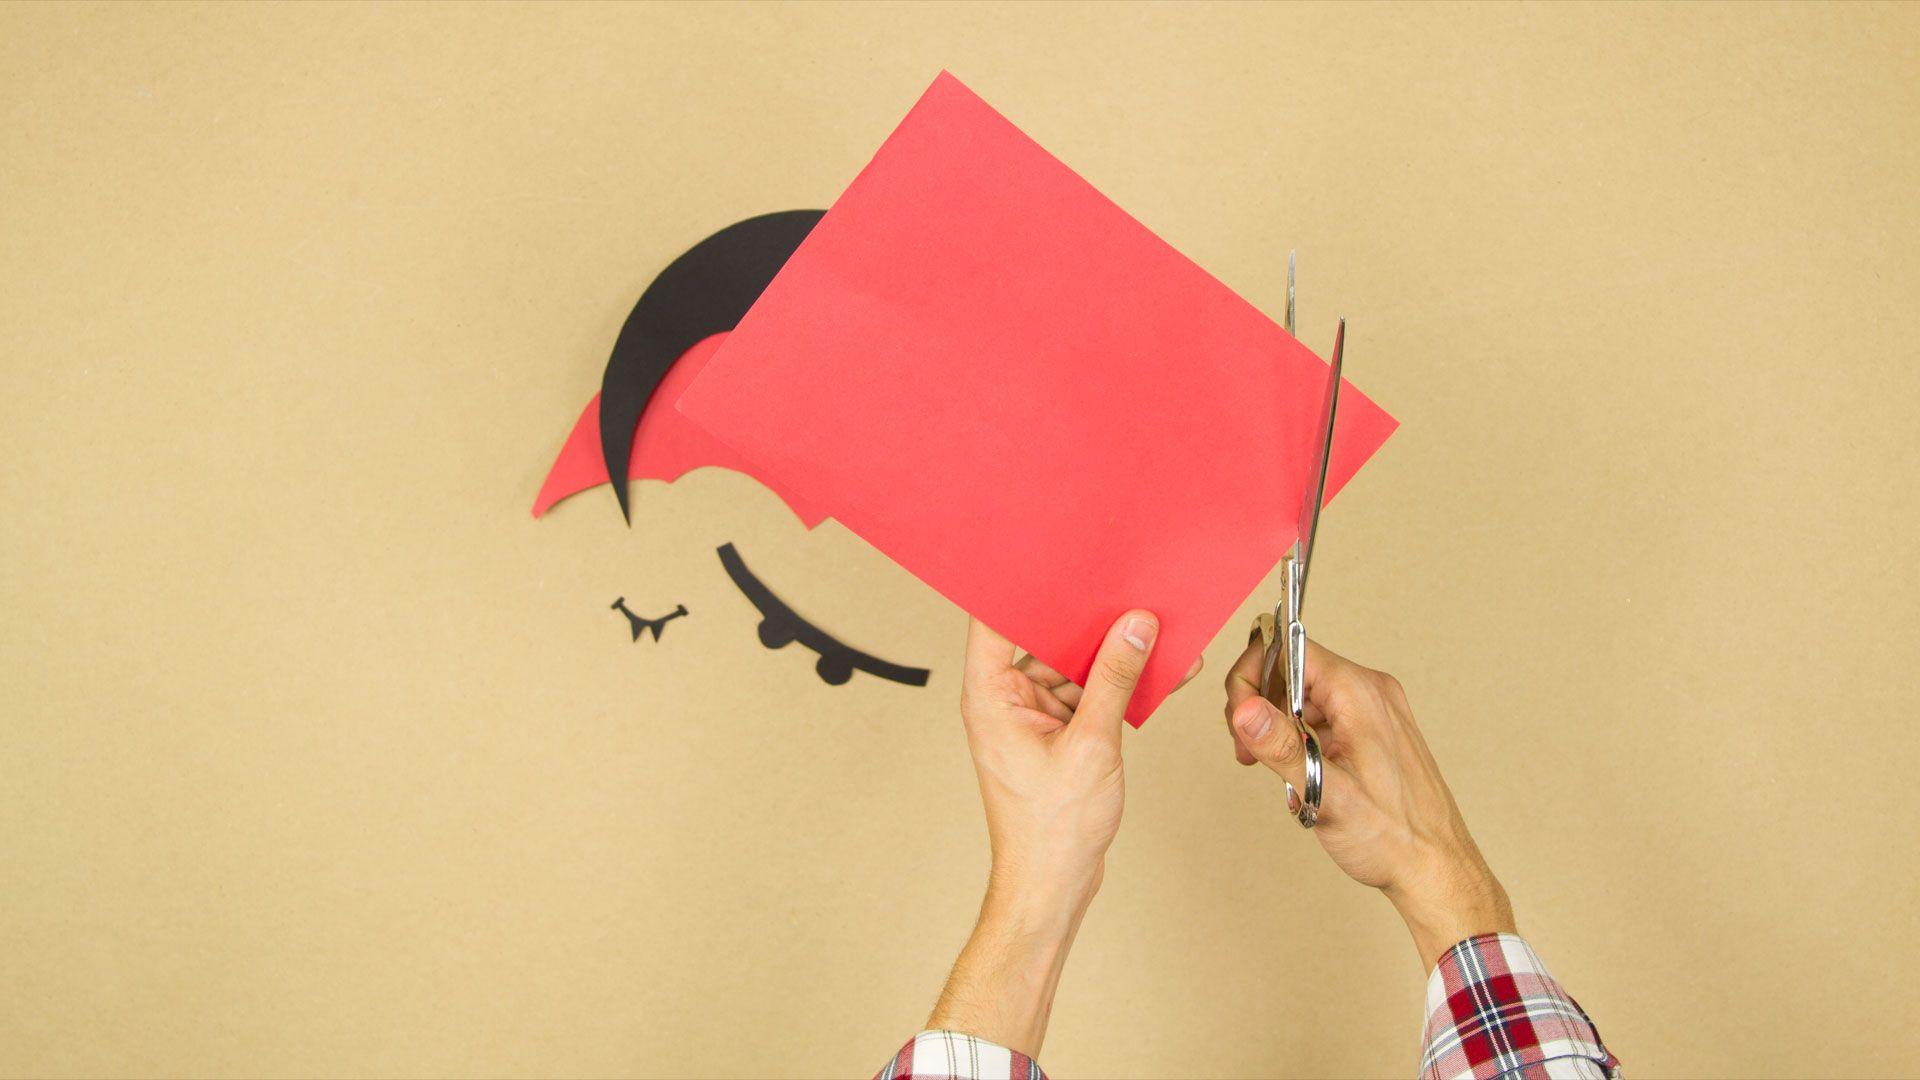 Bricofans | Do It Yourself | Vídeos prácticos de bricolaje para reparar, montar y decorar tú mismo